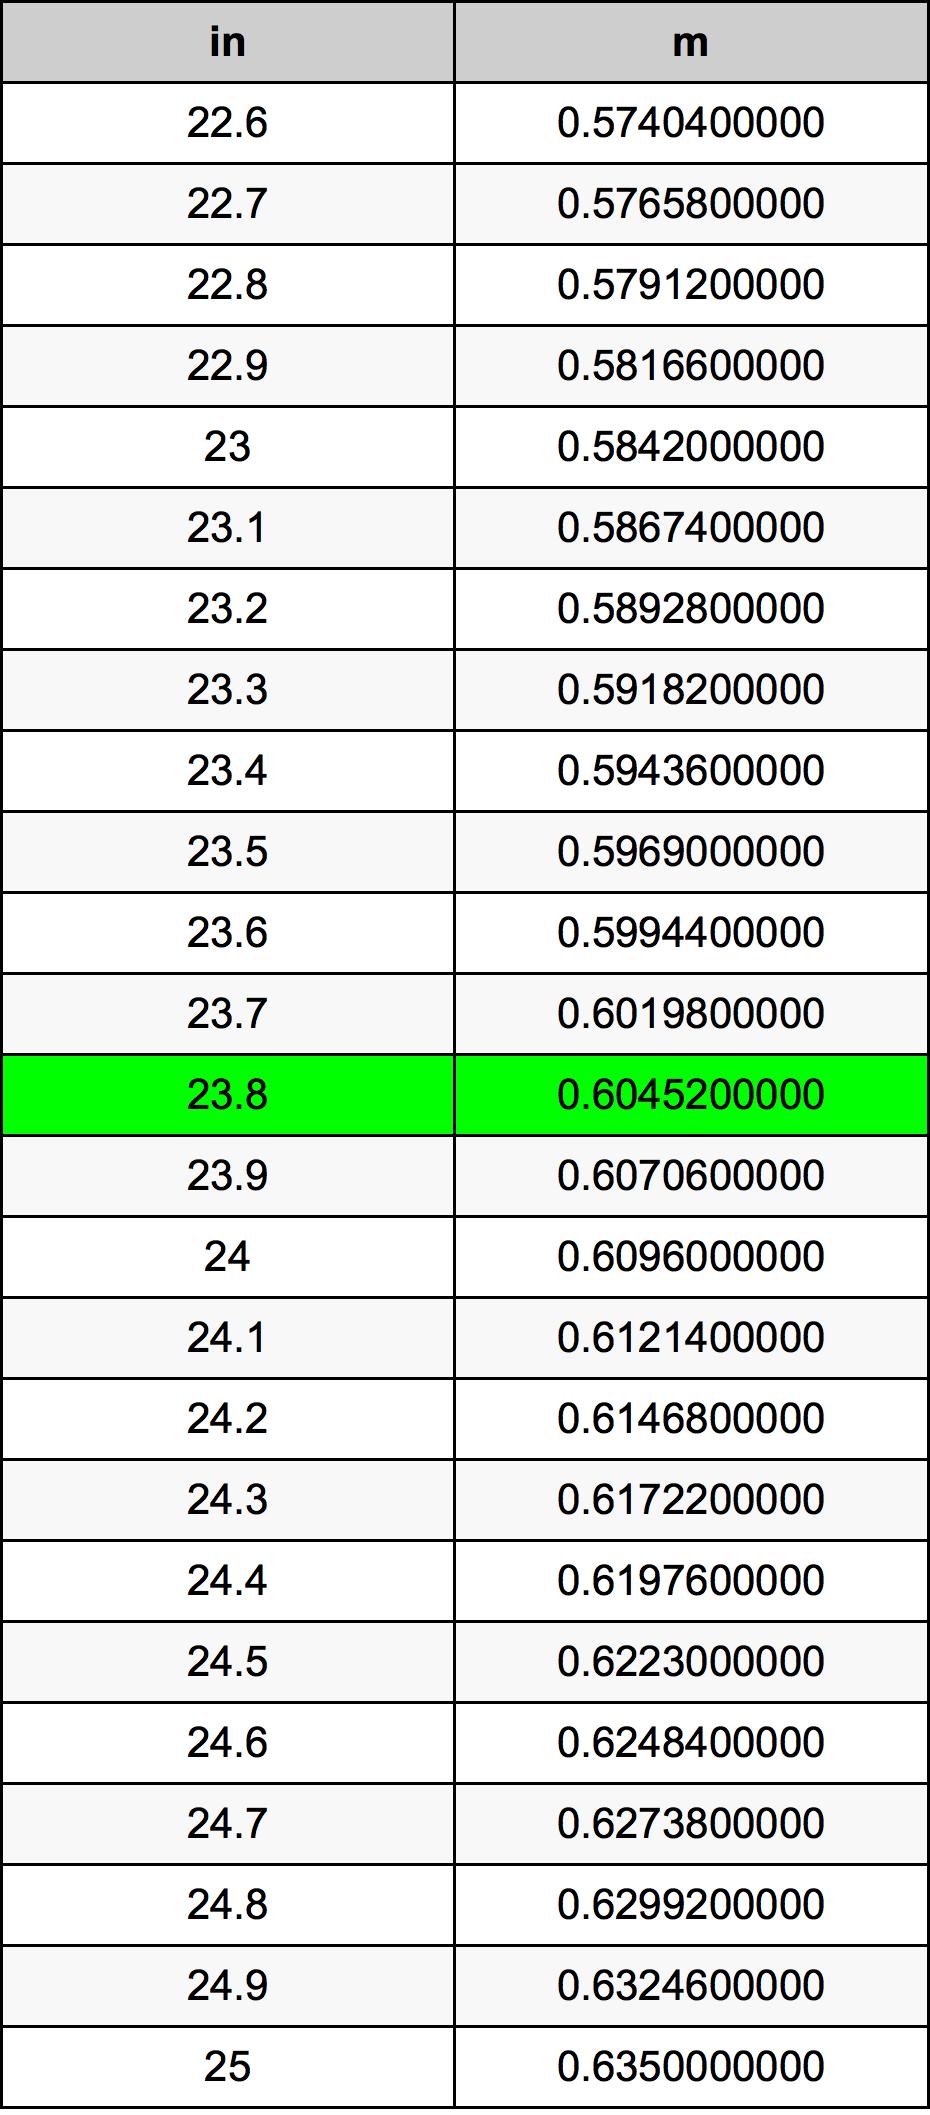 23.8 Țol tabelul de conversie